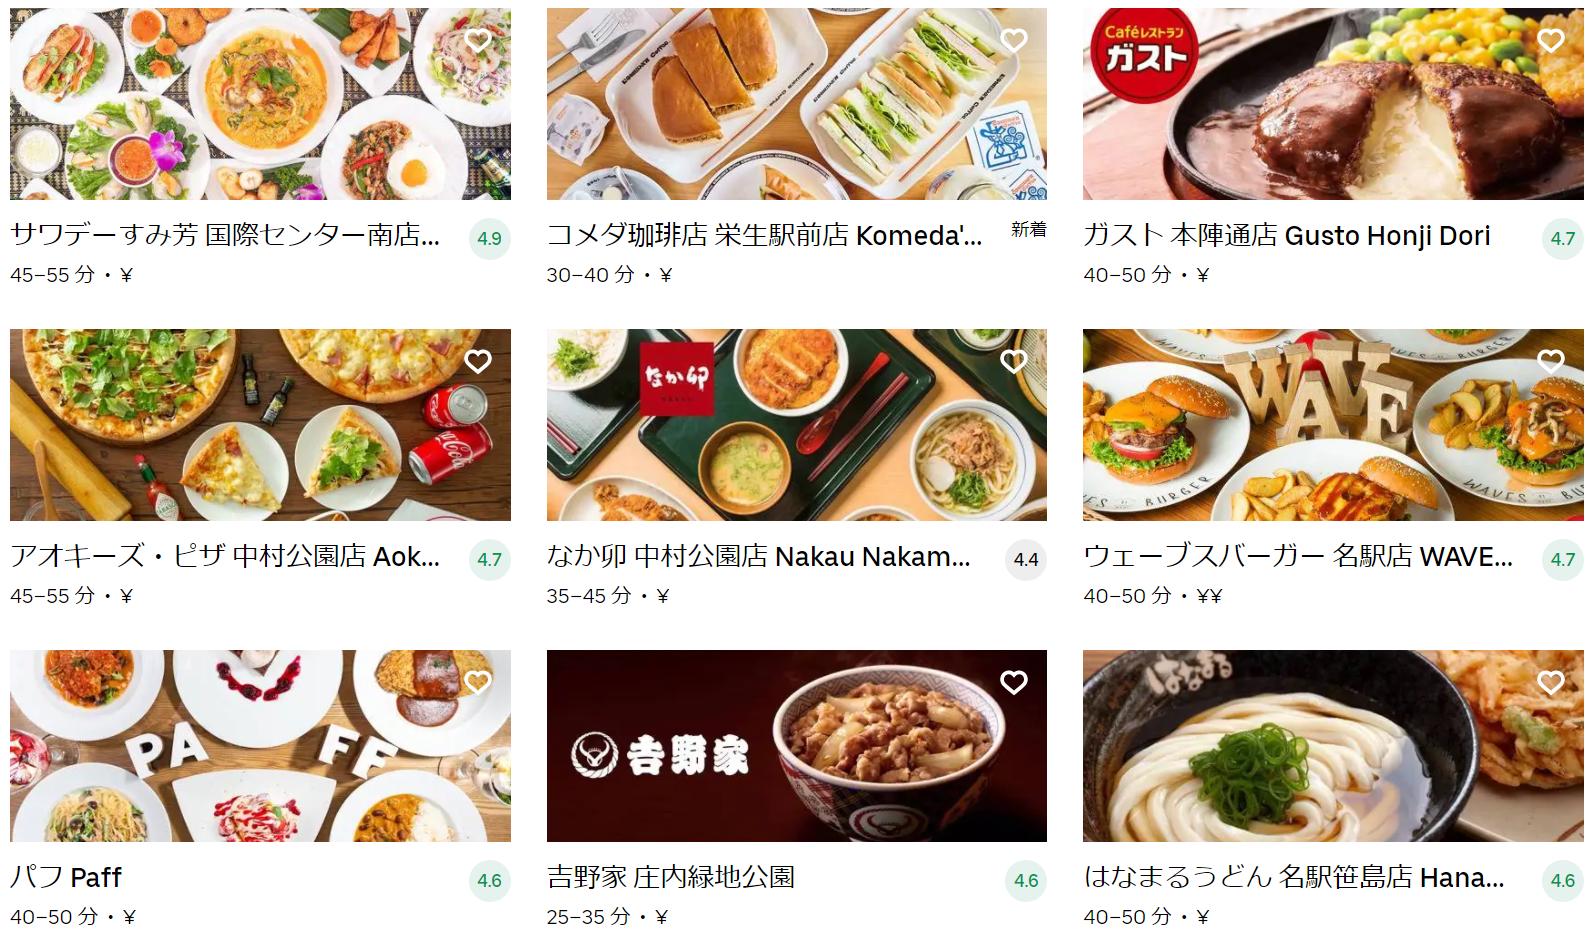 清須市エリアのおすすめUber Eats(ウーバーイーツ)メニュー